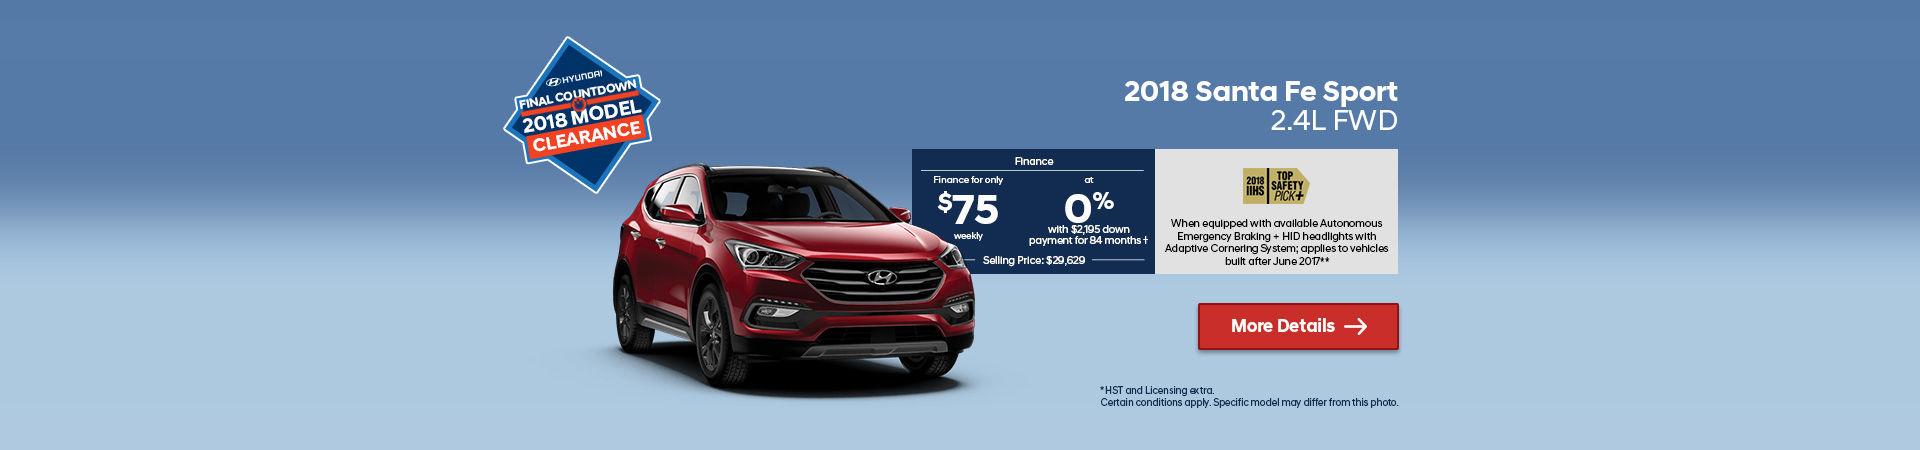 2018 Hyundai SantaFe